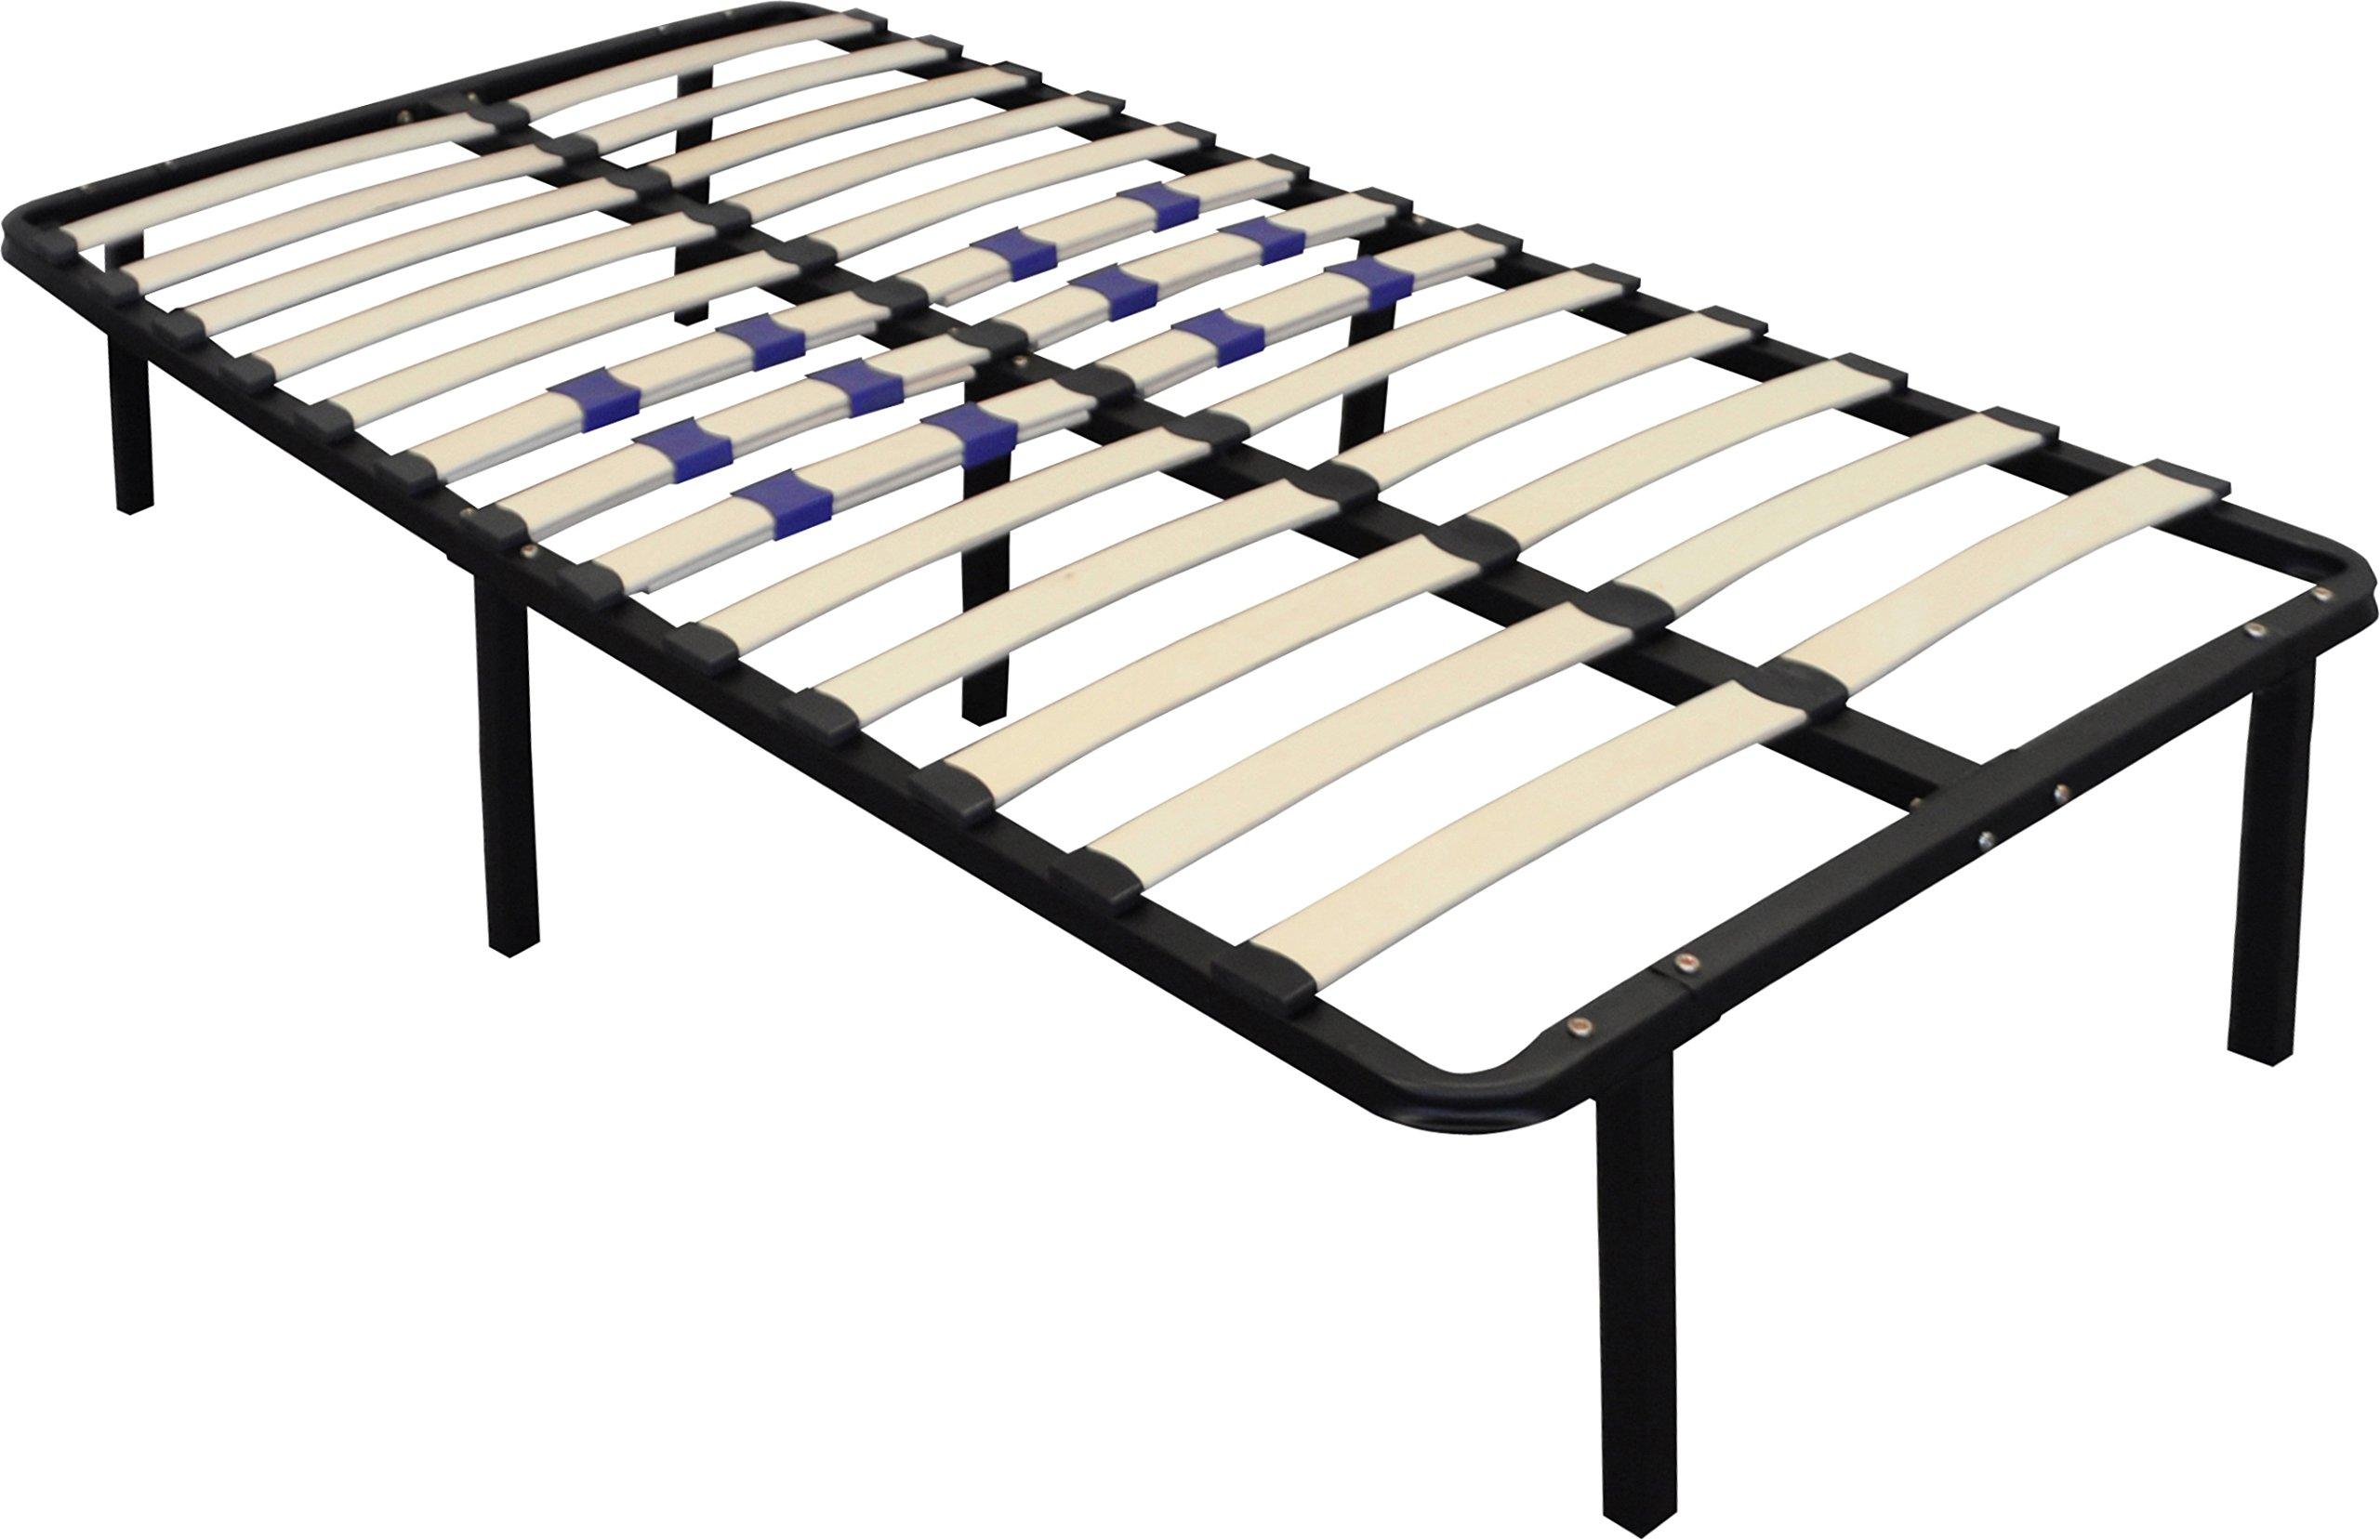 Flex Form Finnish Platform Bed Frame/Metal Mattress Foundation Adjustable Hardwood Slats, Black, Twin